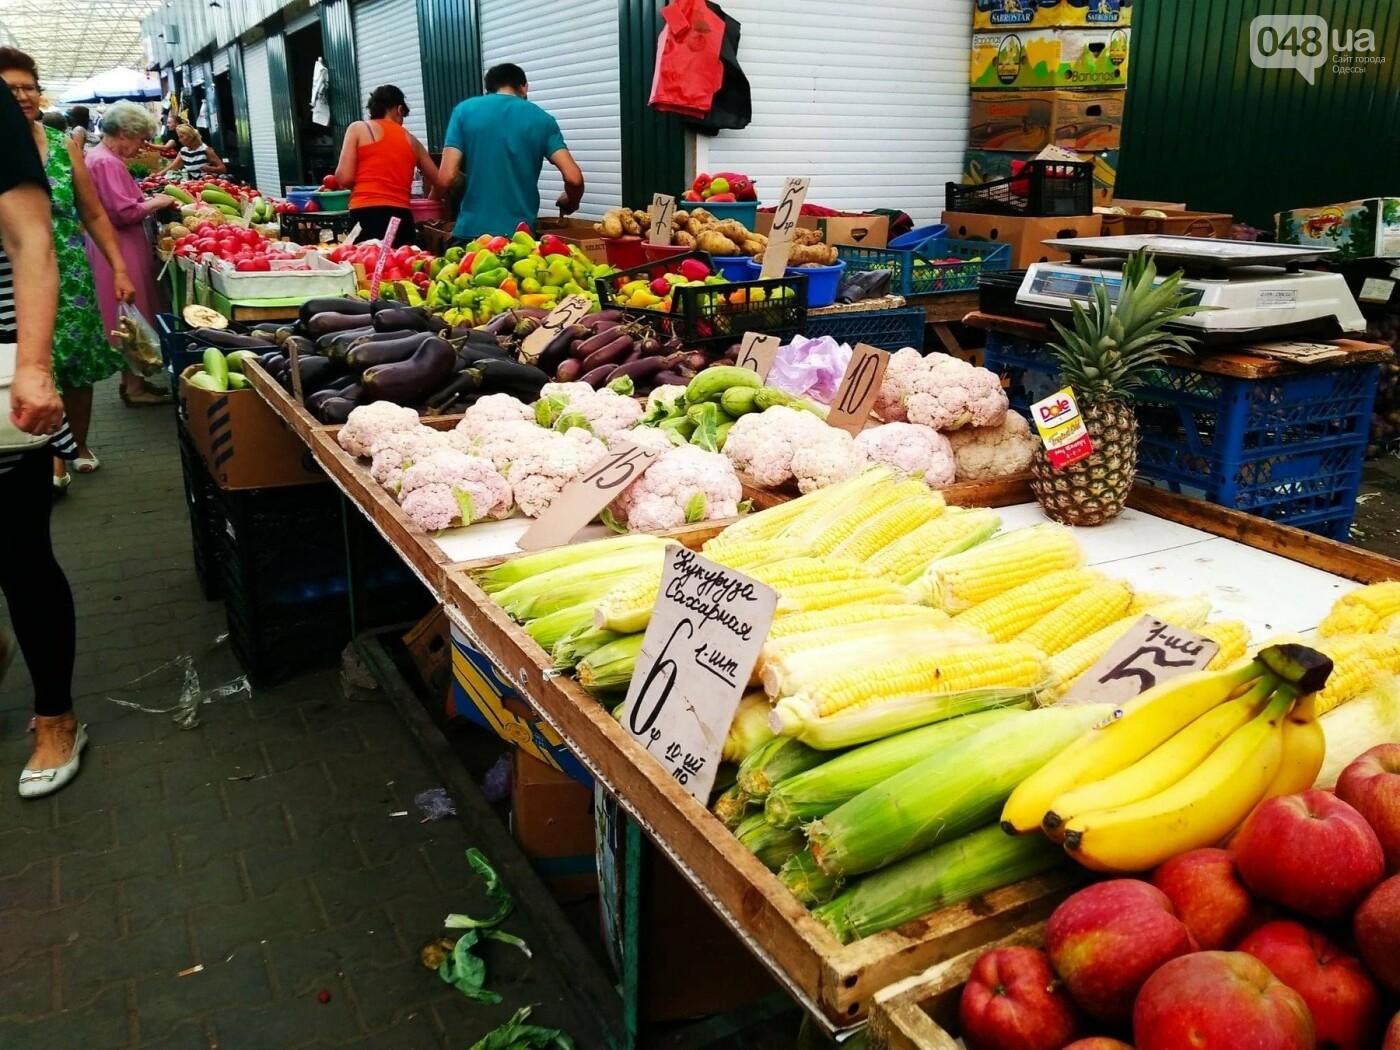 Ищем, где дешевле в Одессе: обзор цен на продукты на рынках Котовского, - ФОТО, ИНФОГРАФИКА, фото-7